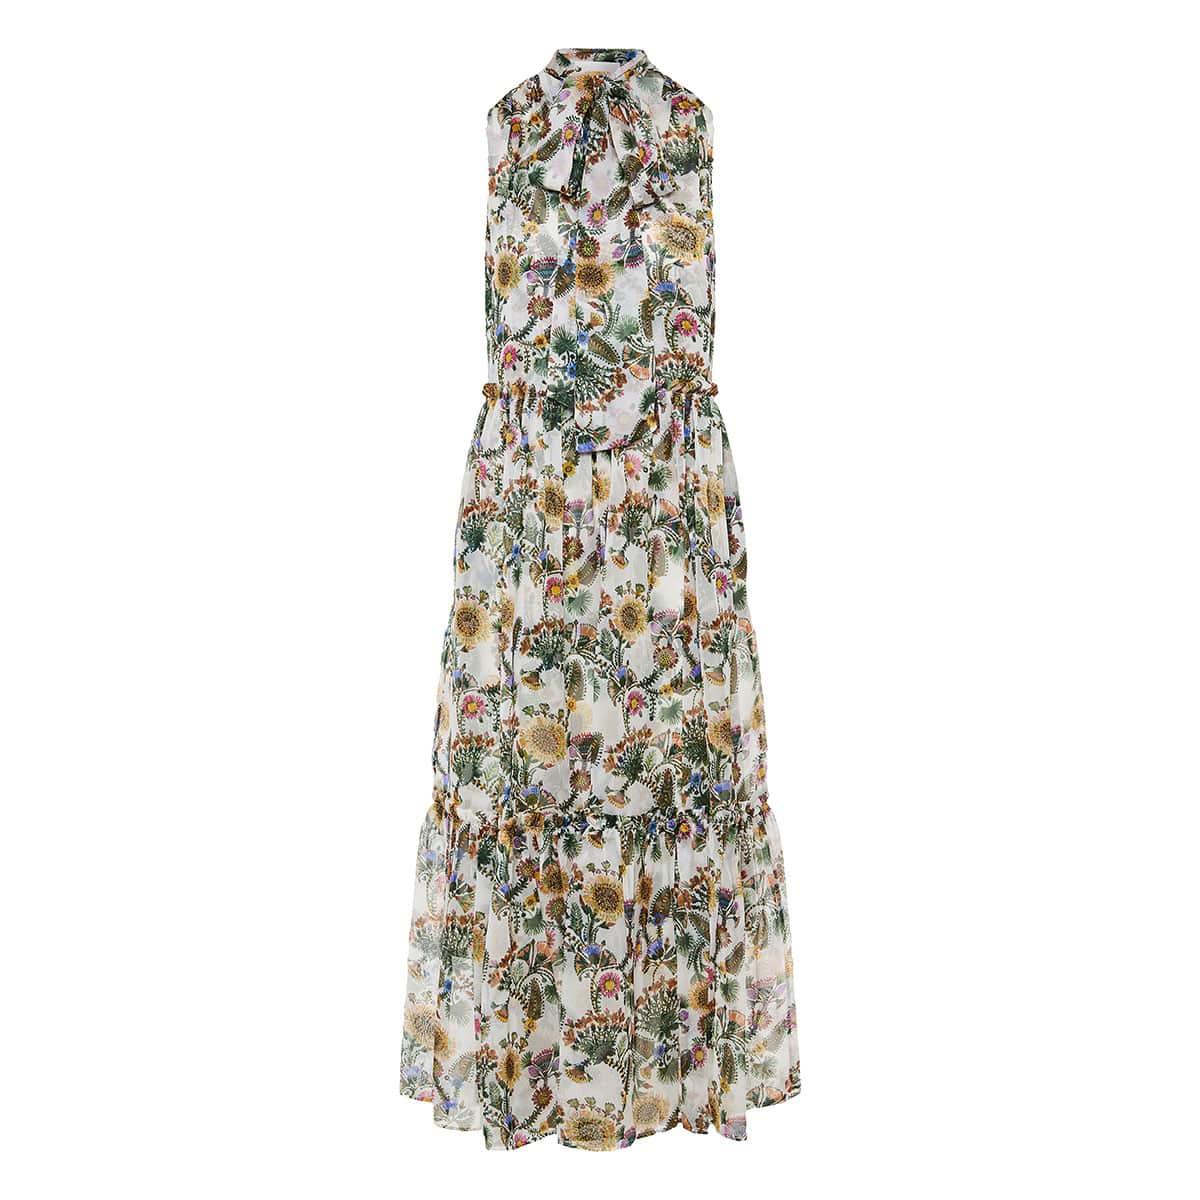 Lou Lou floral maxi chiffon dress